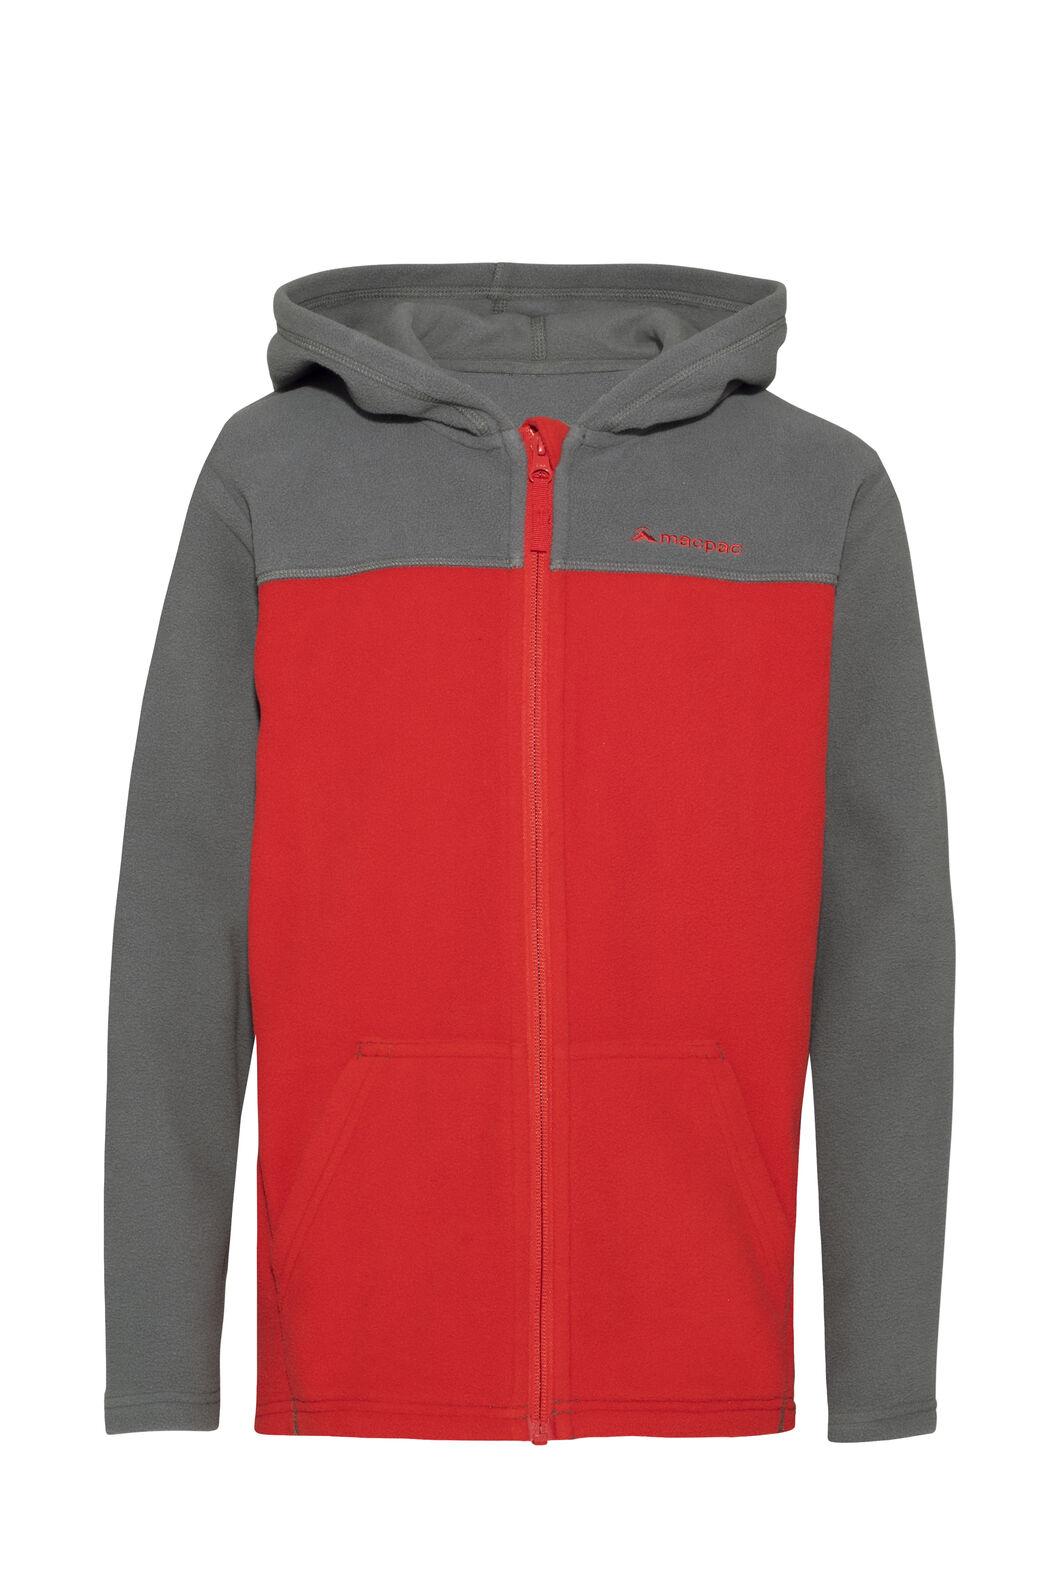 Macpac Tui Polartec® Fleece Jacket — Kids', Iron Gate, hi-res